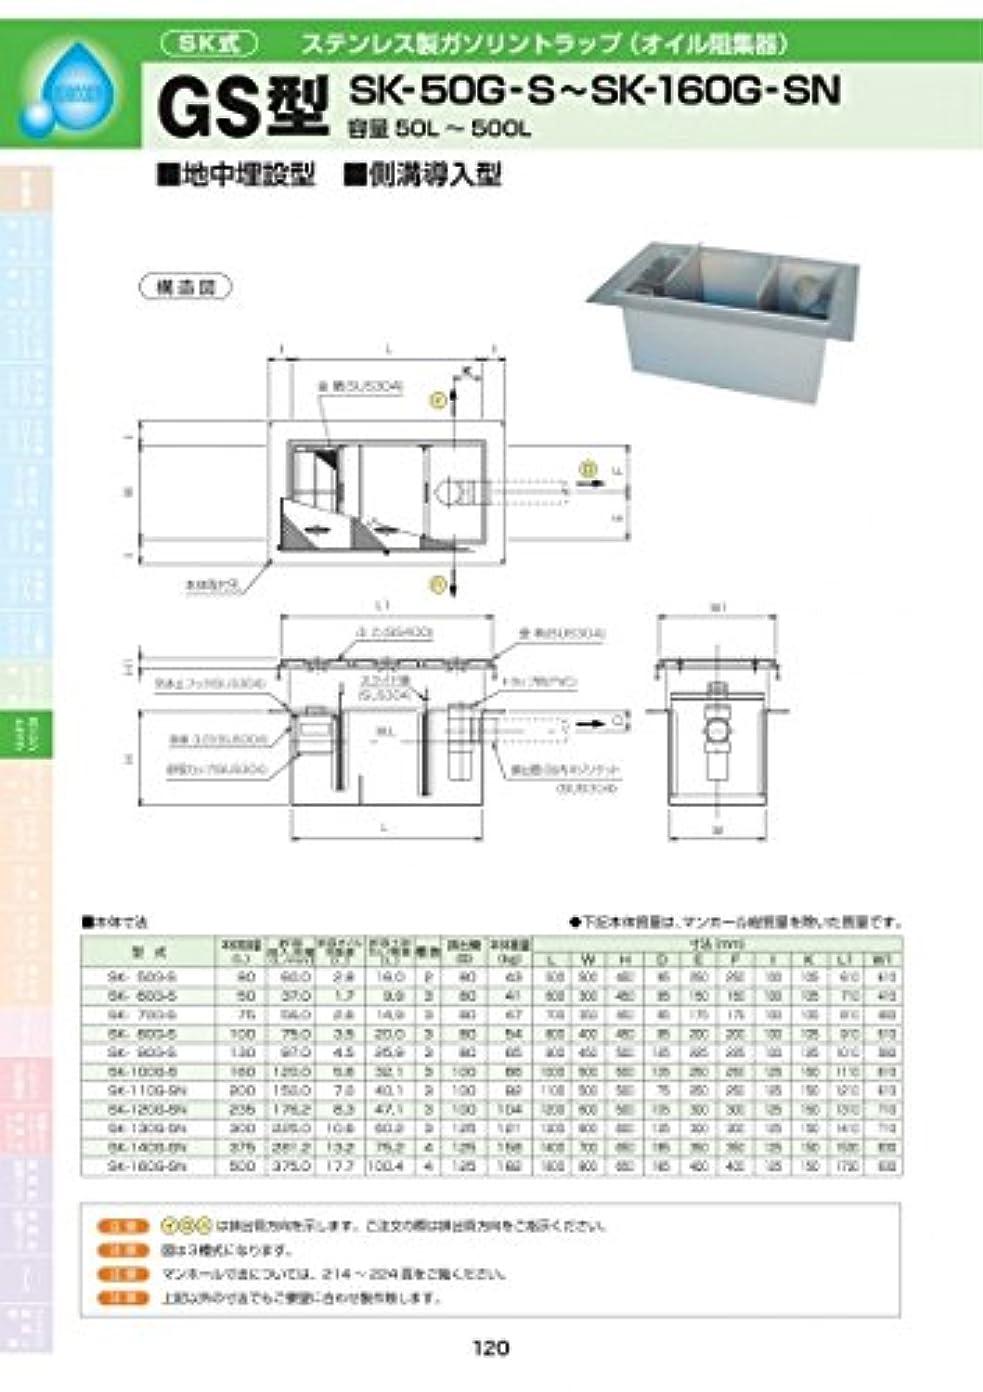 パターン拘束するホームGS型 SK-130G-SN 耐荷重蓋仕様セット(マンホール枠:ステンレス / 蓋:SS400) T-2